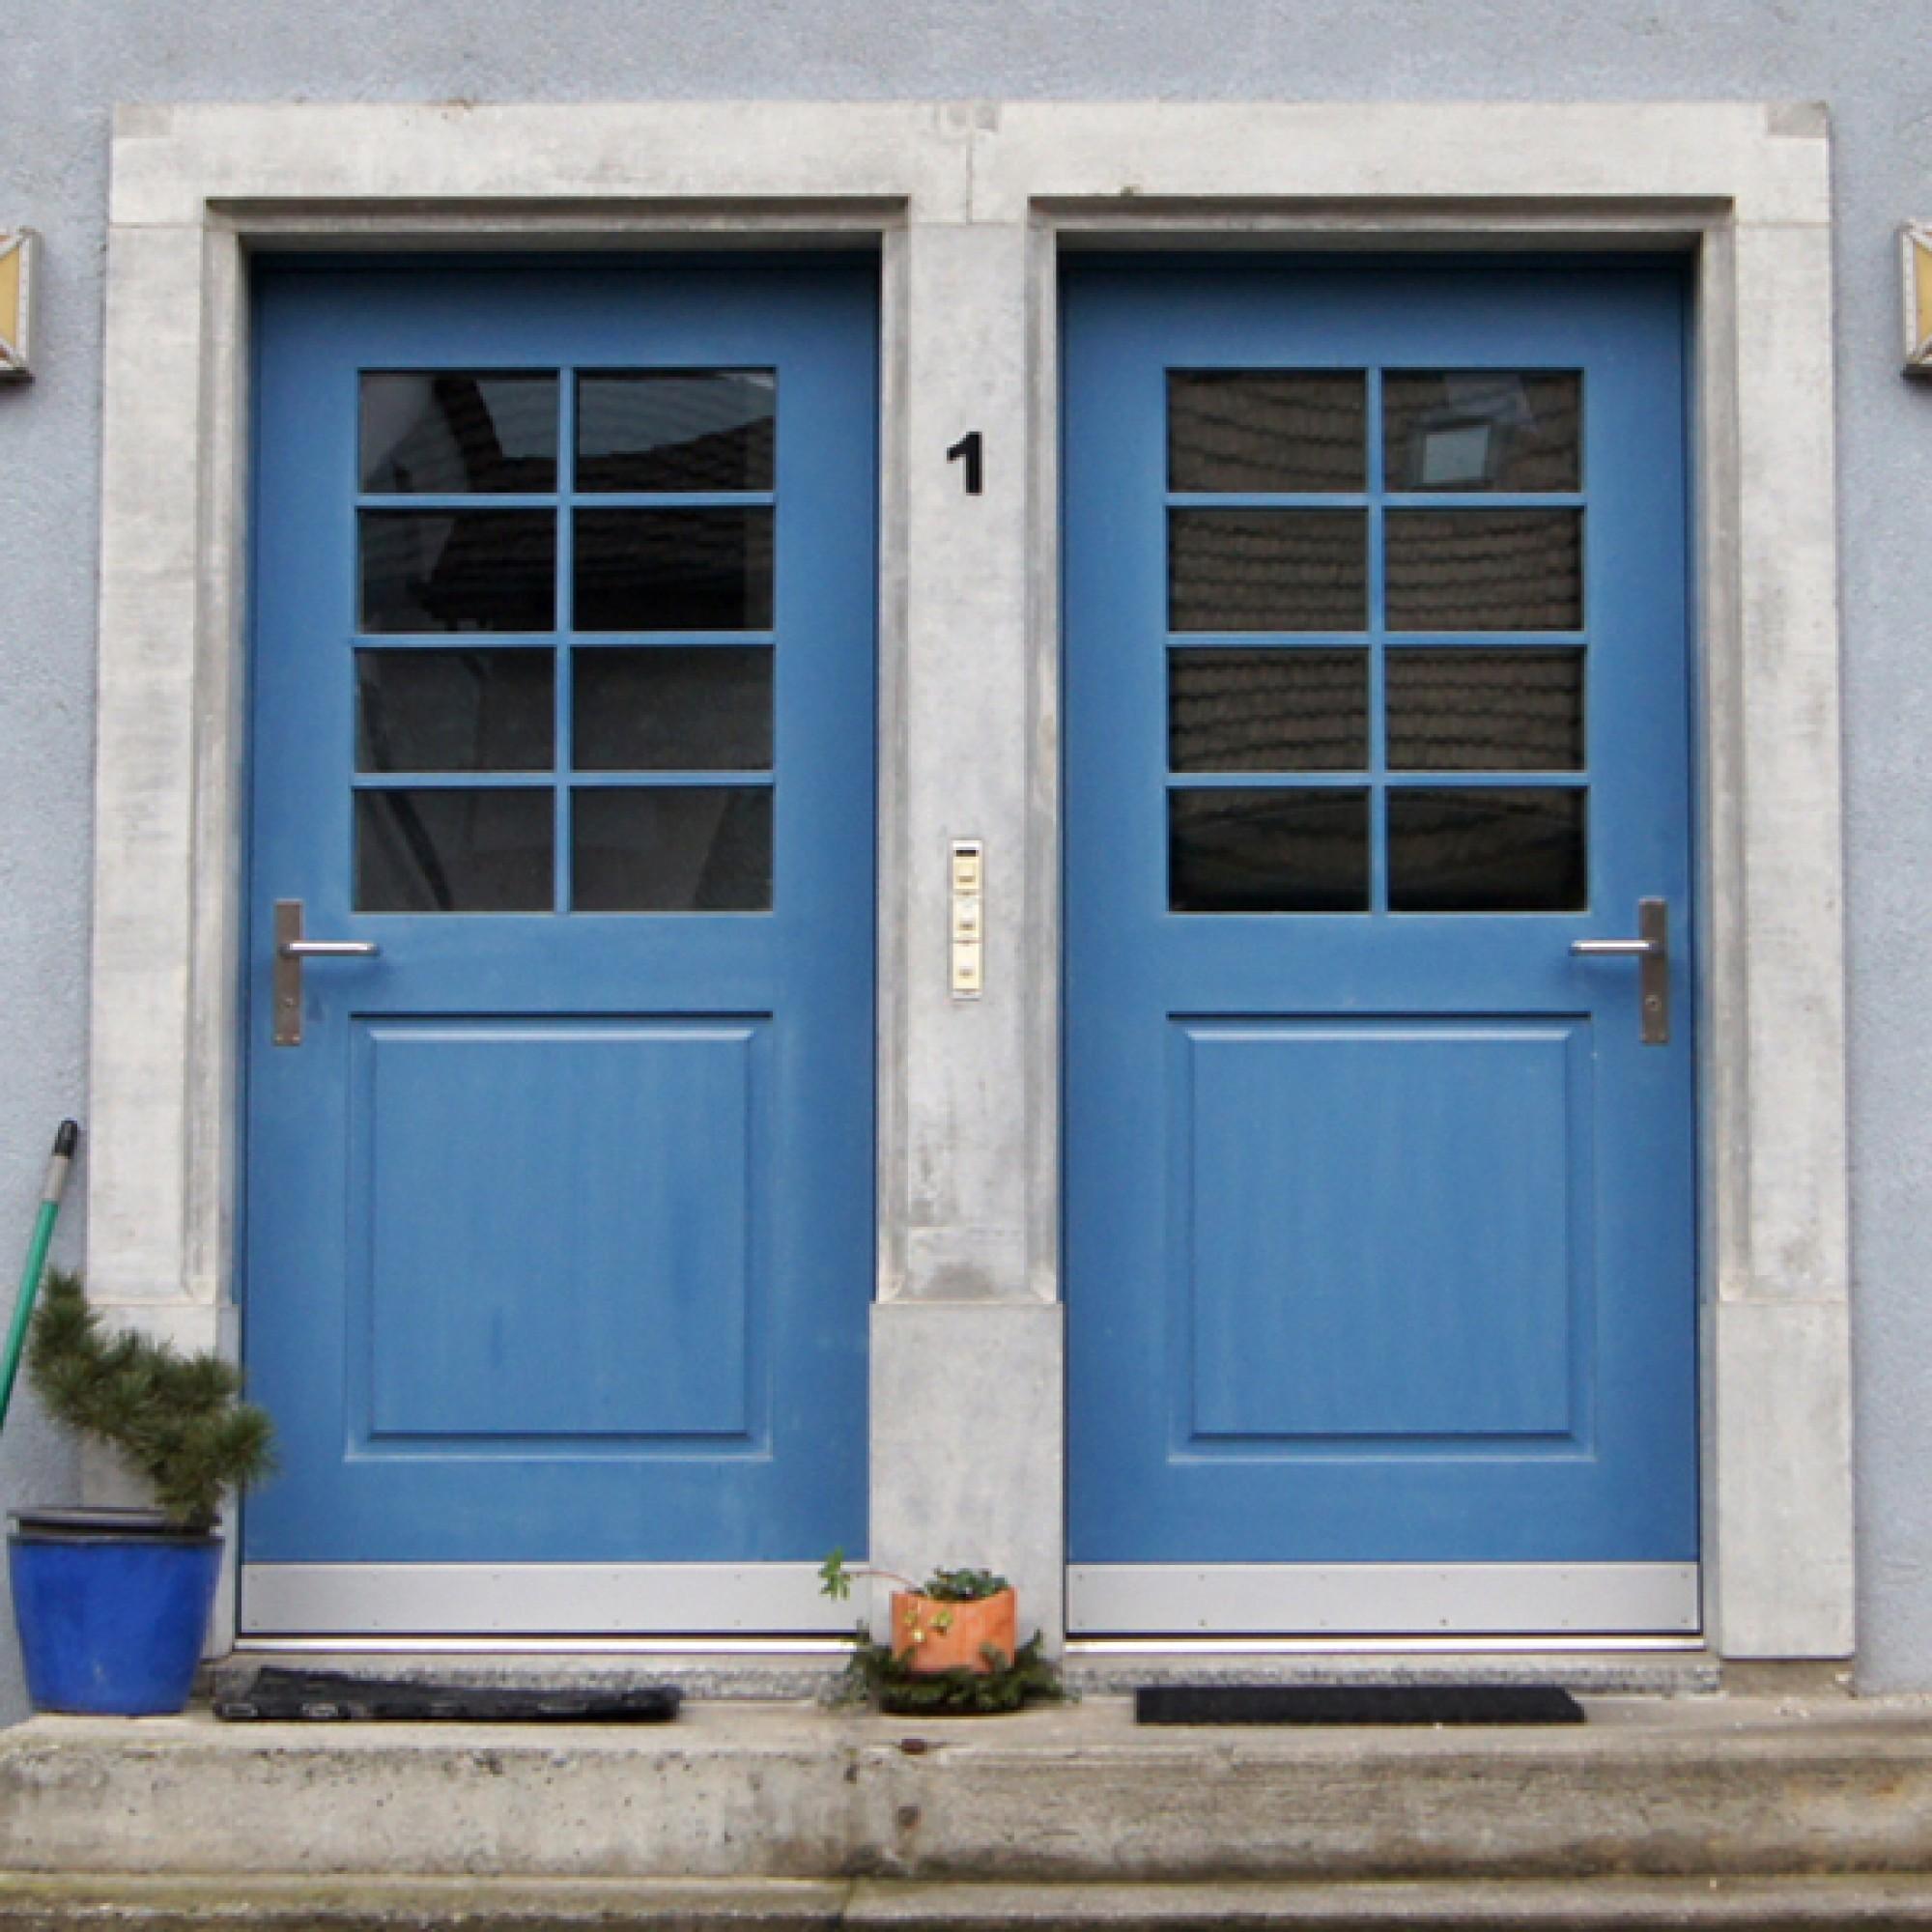 Haus mit Doppeltür (zvg)